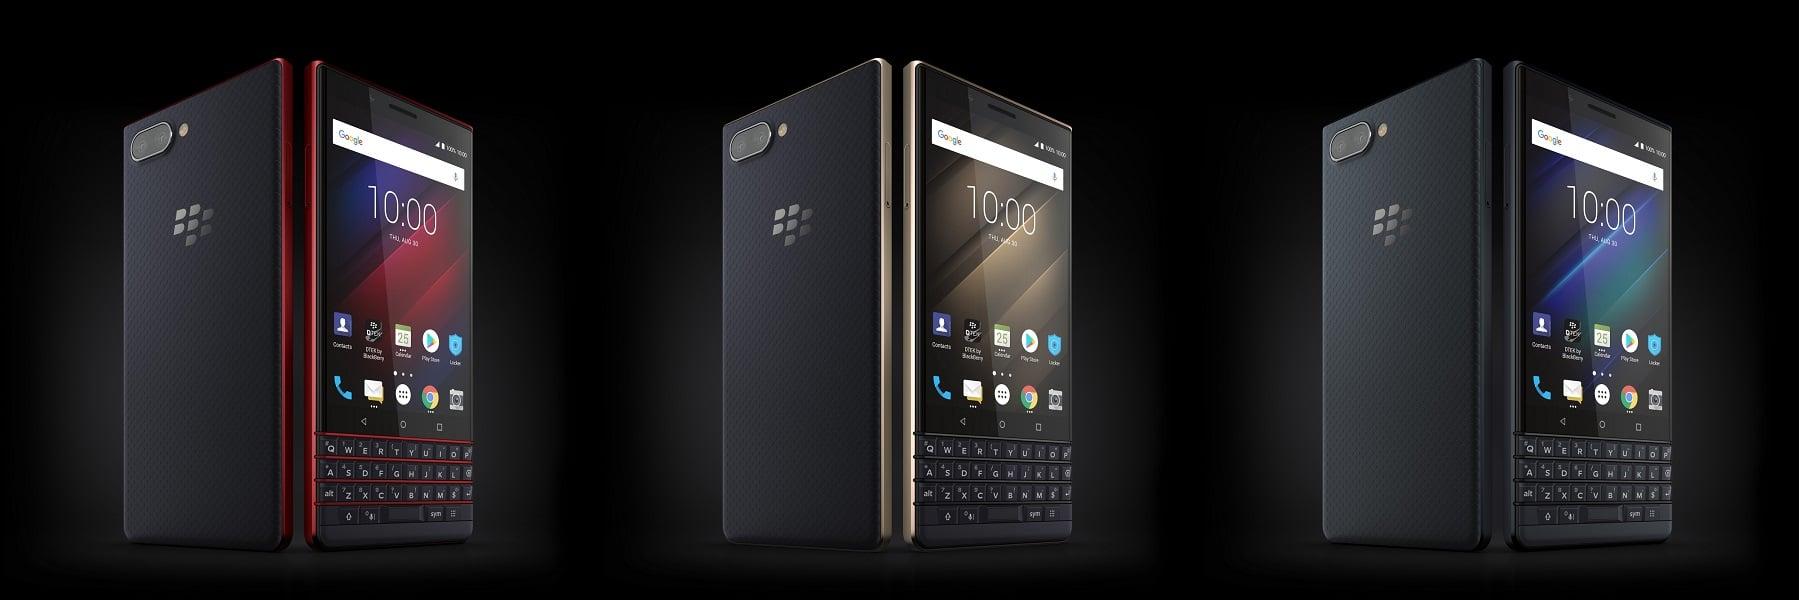 BlackBerry KEY2 LE to porządny średniak w dobrej cenie dla fanów sprzętów z klawiaturą QWERTY 26